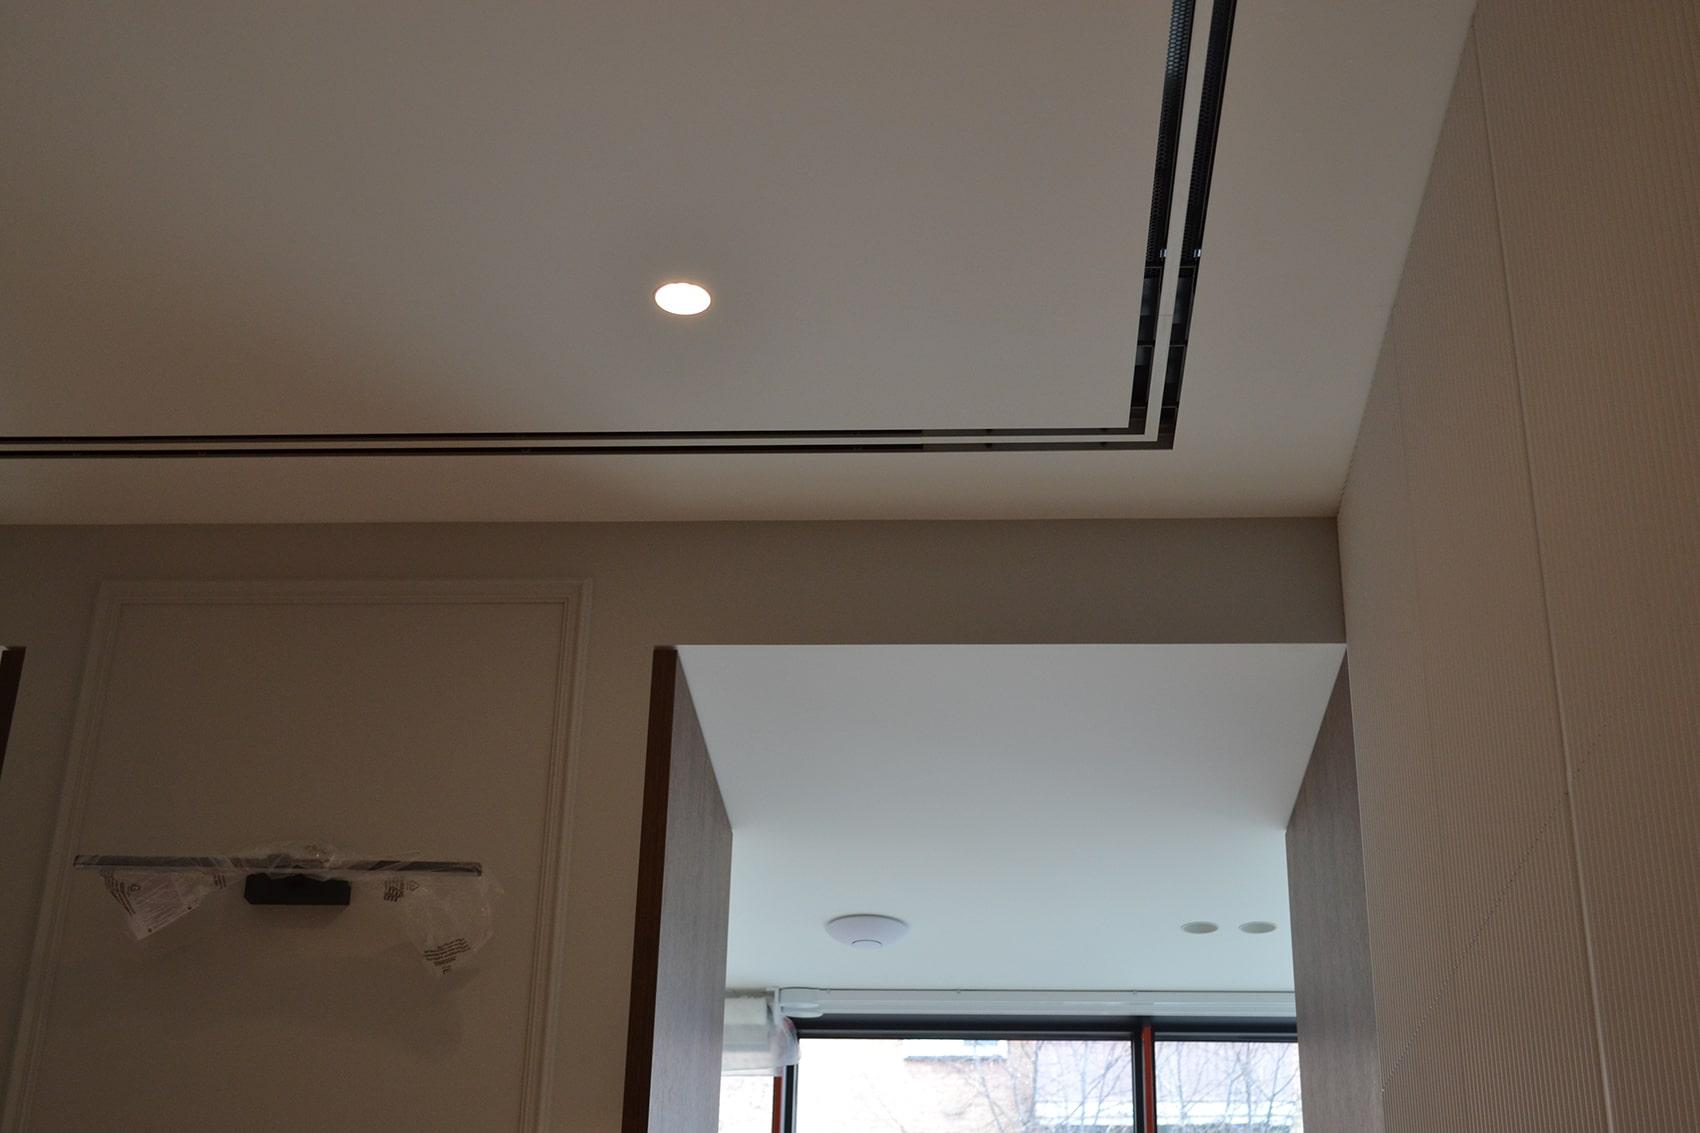 Системи вентиляції та кондиціонування у чистовій обробці квартири